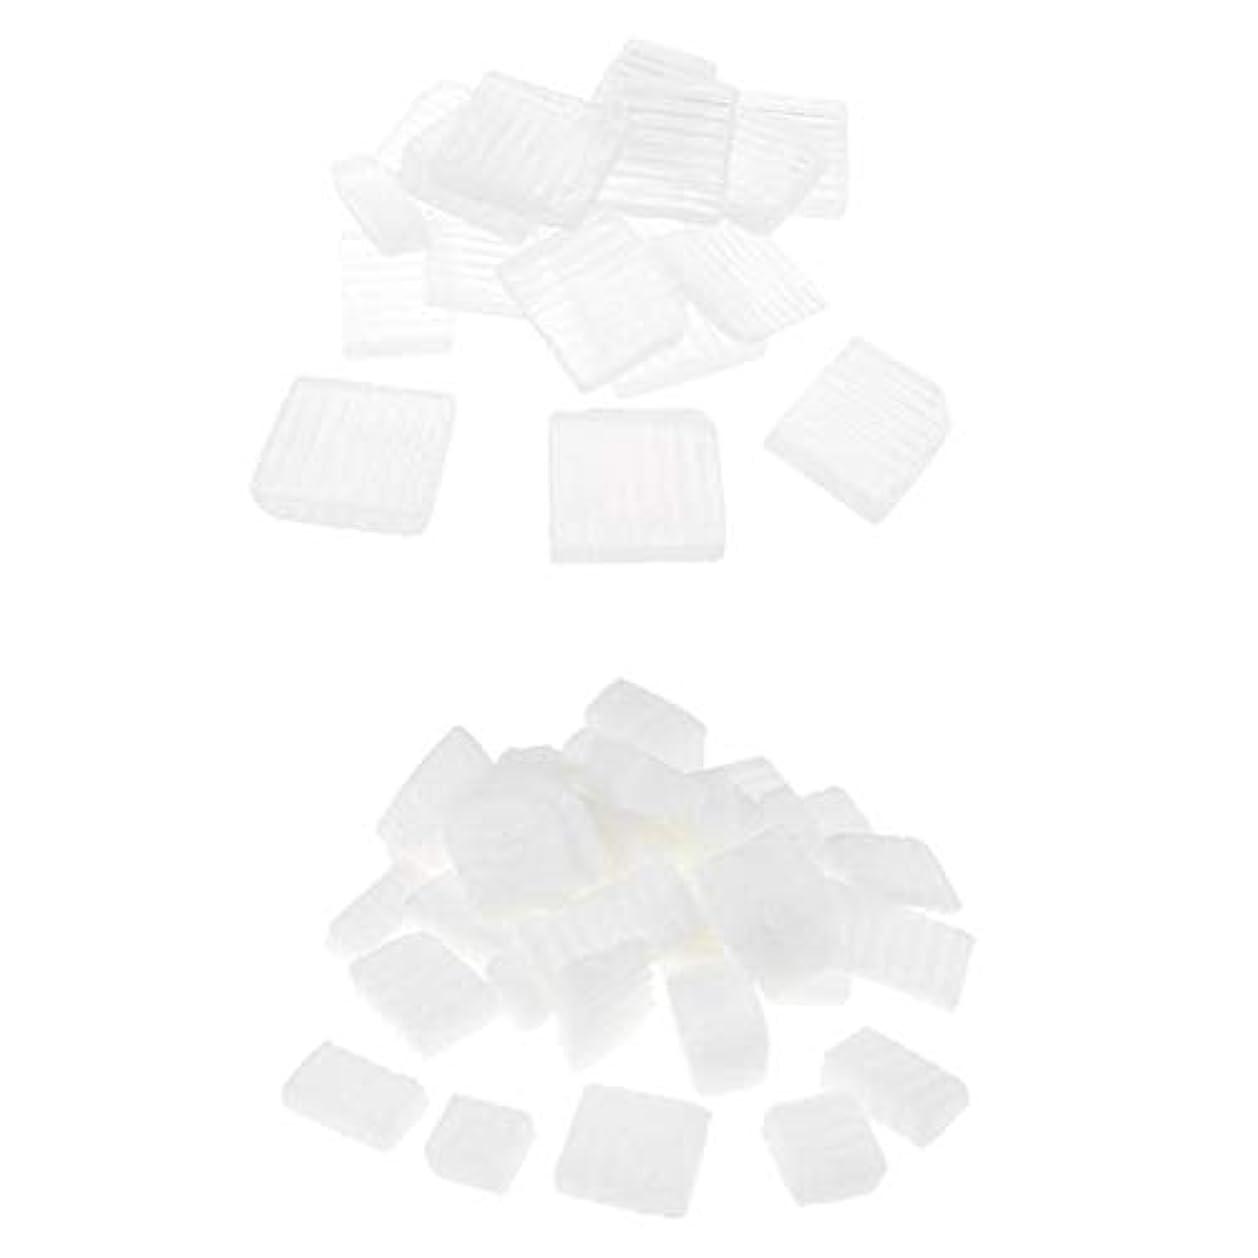 文オーラル猛烈なBaoblaze 固形せっけん 2KG 2種 ホワイト 透明 DIYハンドメイド ソープ原料 石鹸製造 古典的